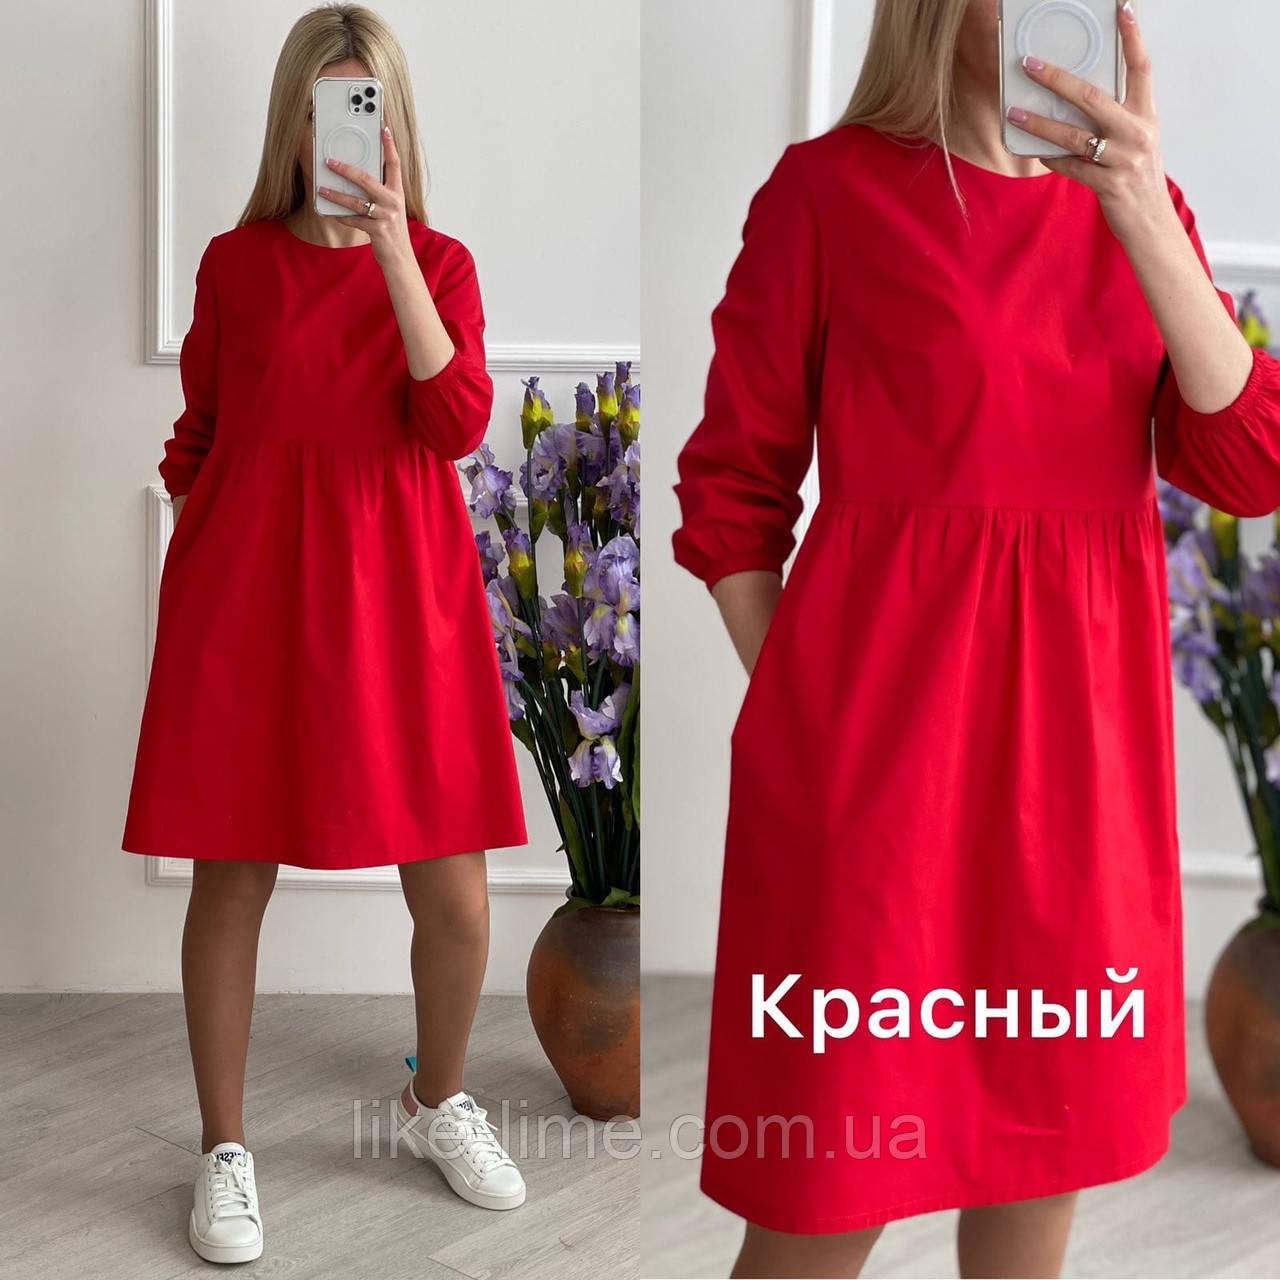 Красиве однотонне плаття з кишенями